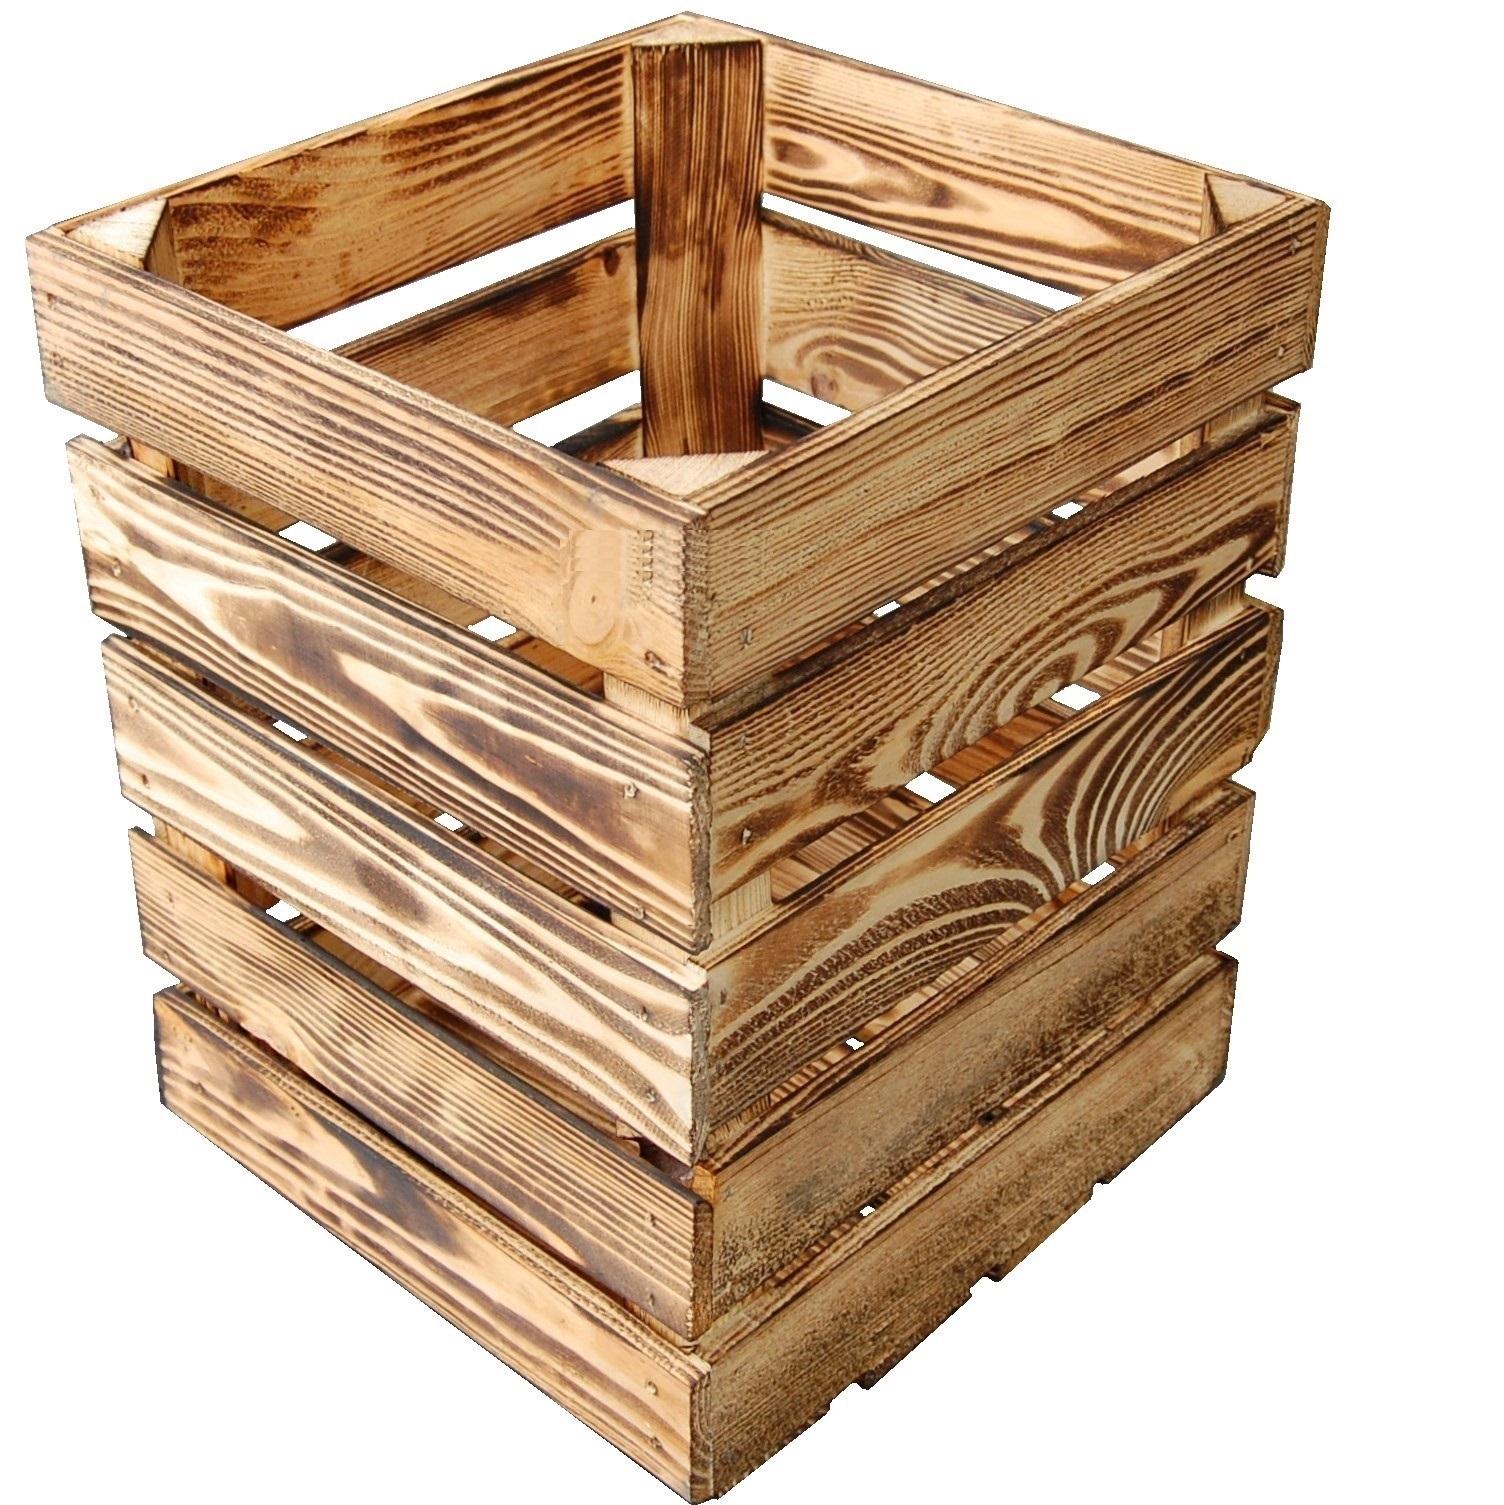 Niewiarygodnie Skrzynka Drewniana Deko Opalana Kosz na Śmieci D2 - 7109872421 UN42